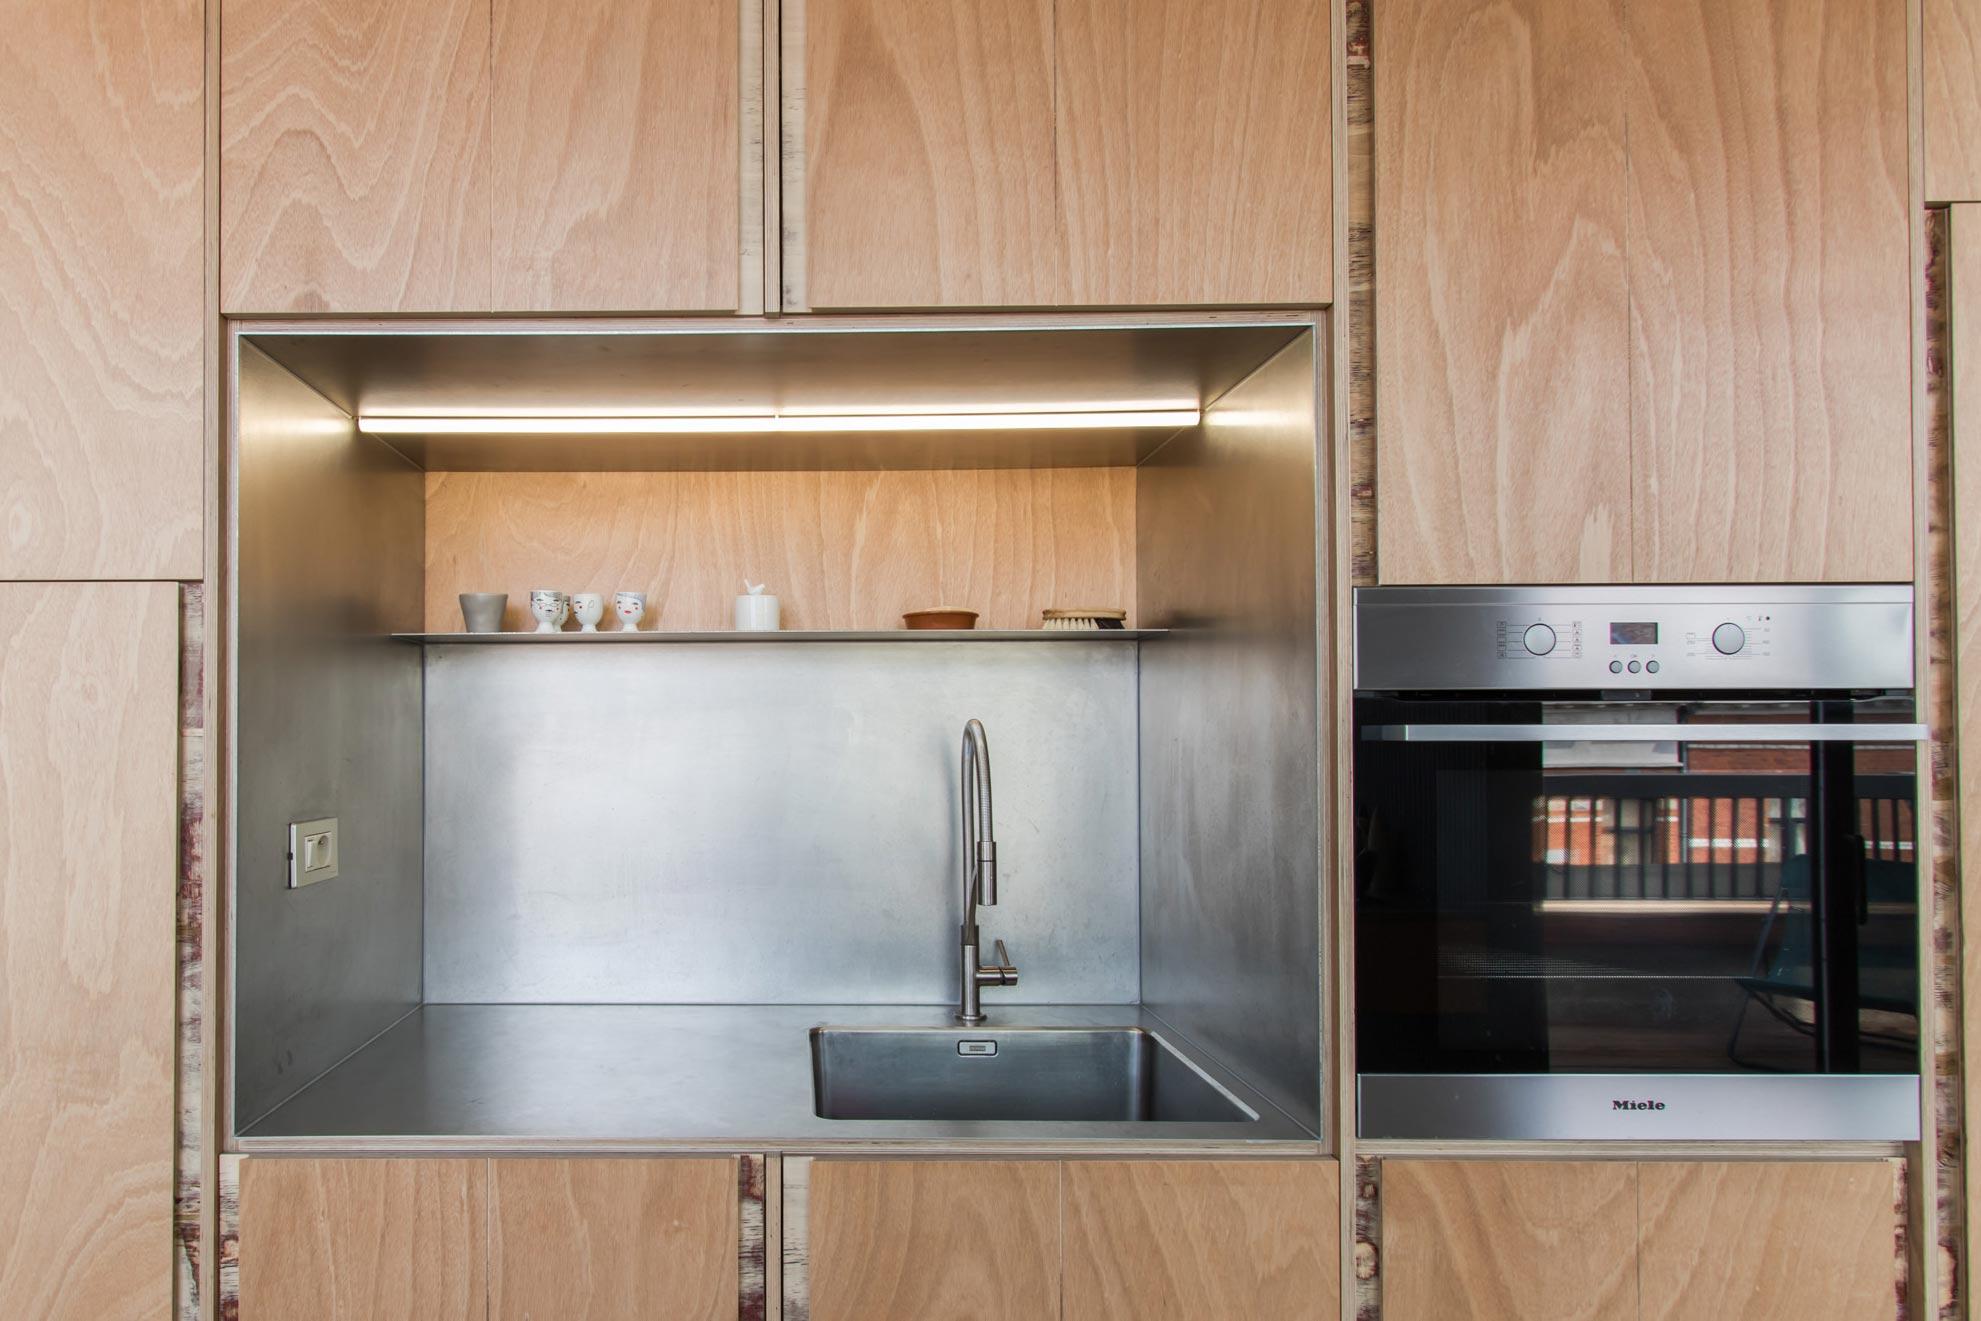 Rnovation de cuisine armoire cuisine qubec with rnovation for Armoire de cuisine st jean sur richelieu